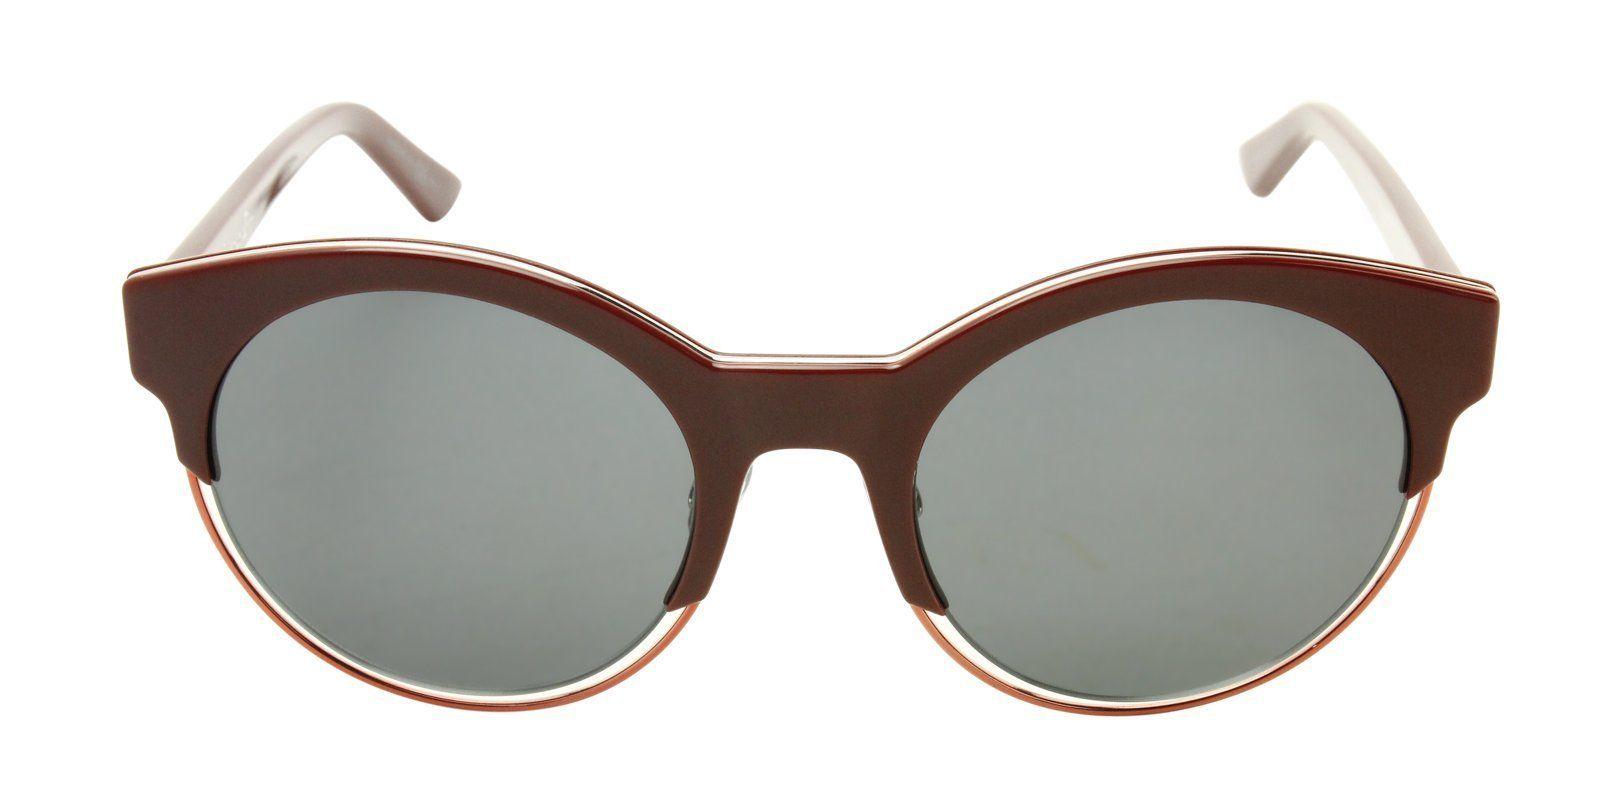 350da353df0c3 Dior - Sideral1 Red - Gray sunglasses in 2018